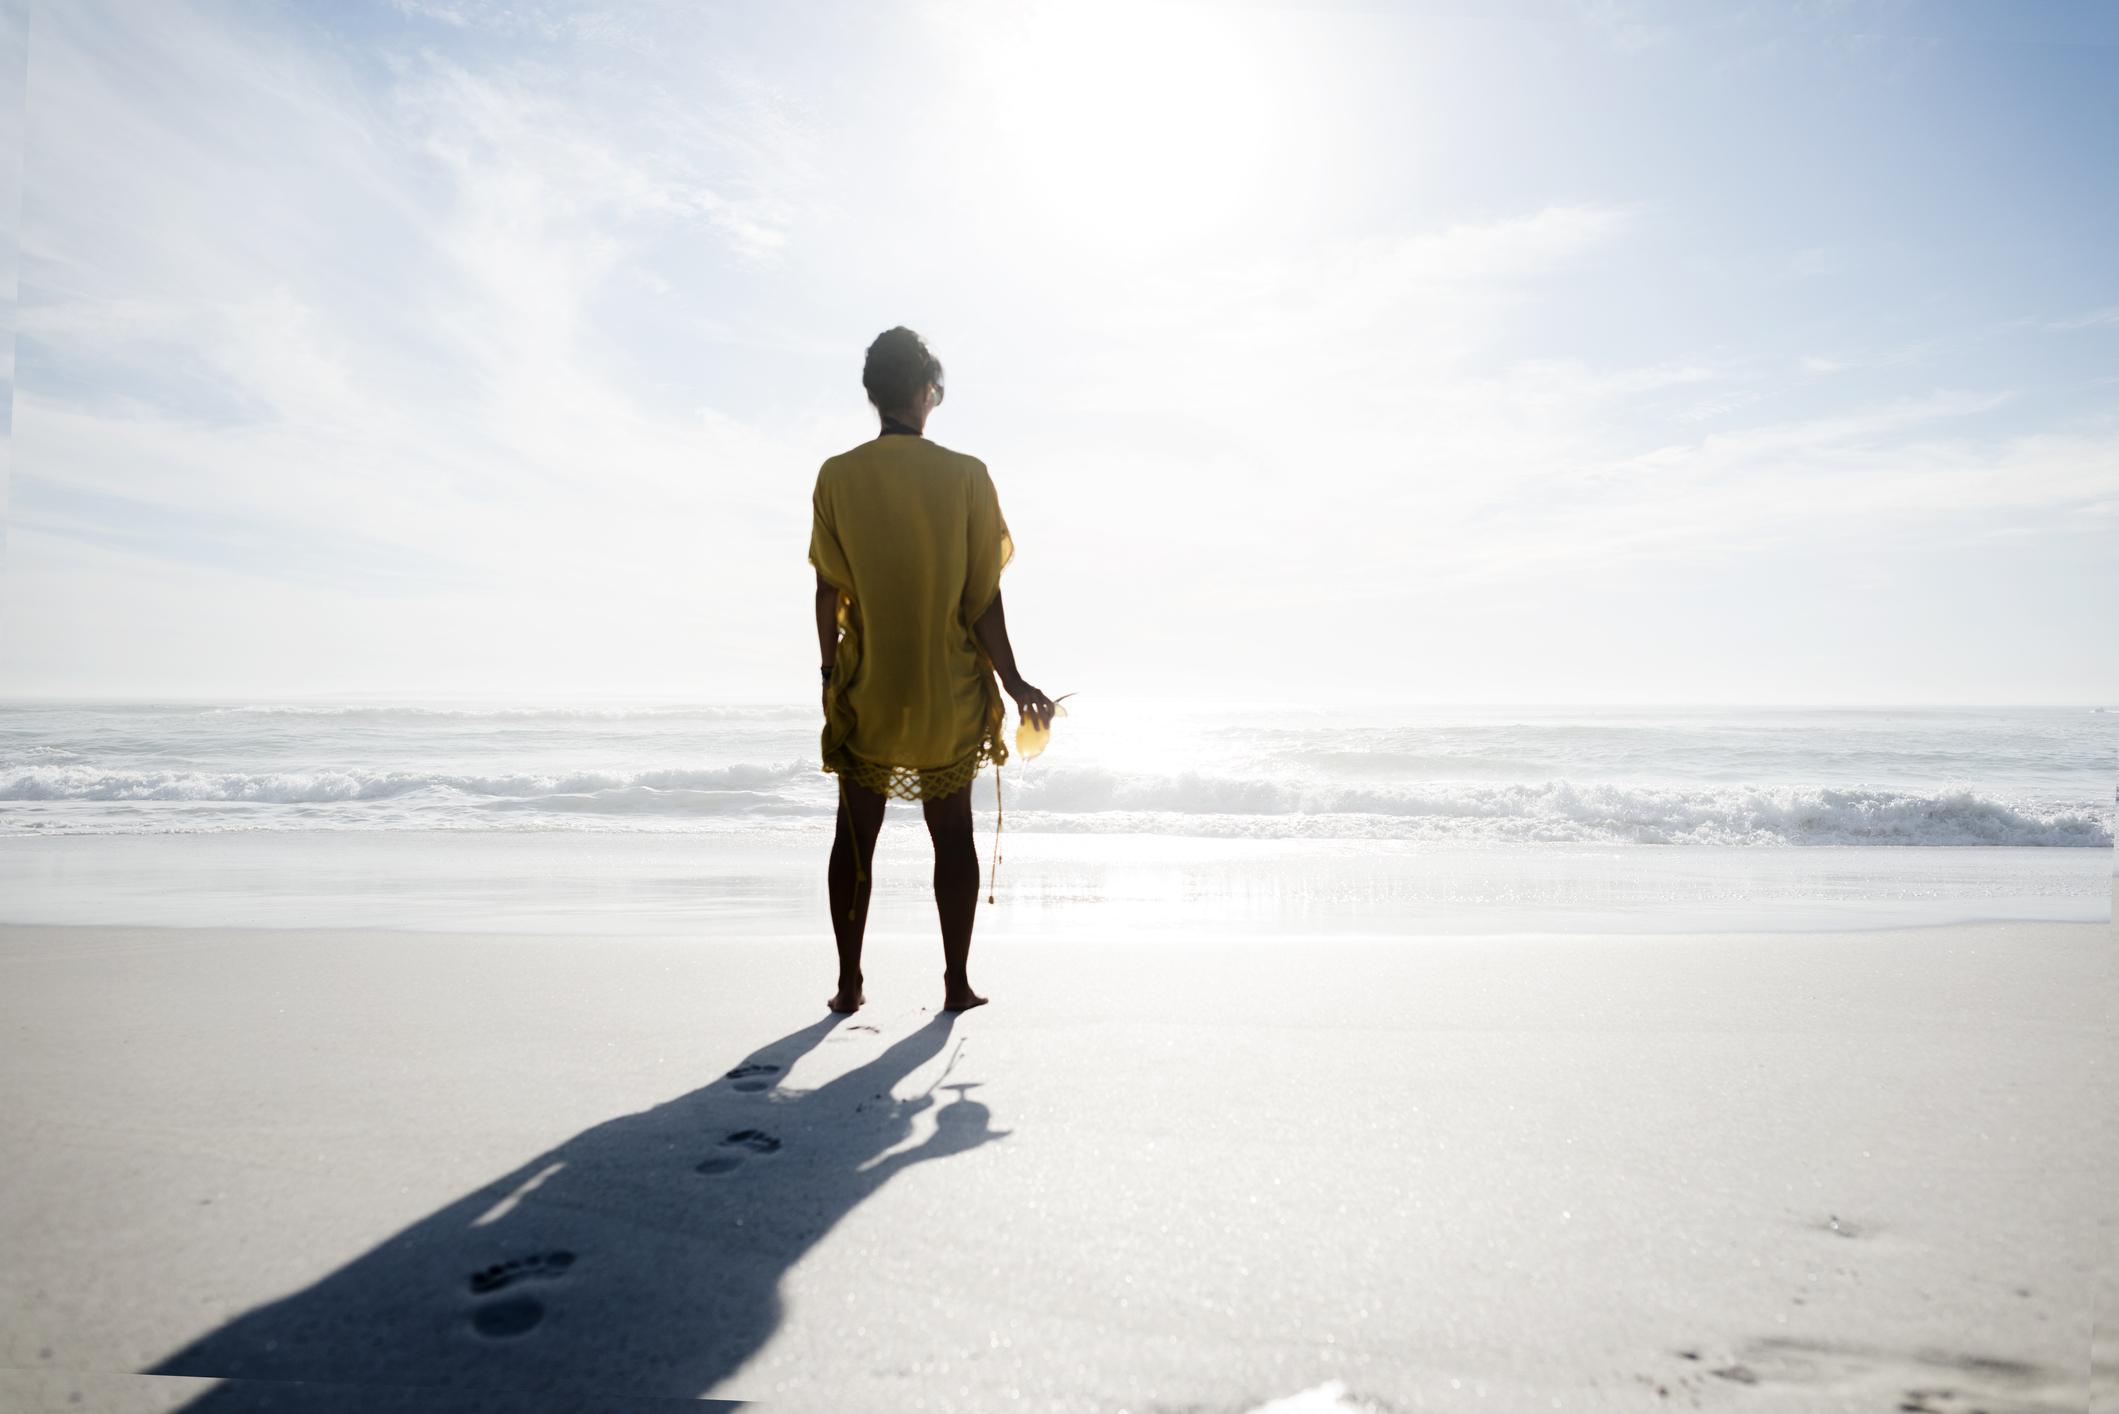 Moždani udar doživi mnogo više žena nego muškaraca i jedan je od vodećih uzroka smrti i invaliditeta.